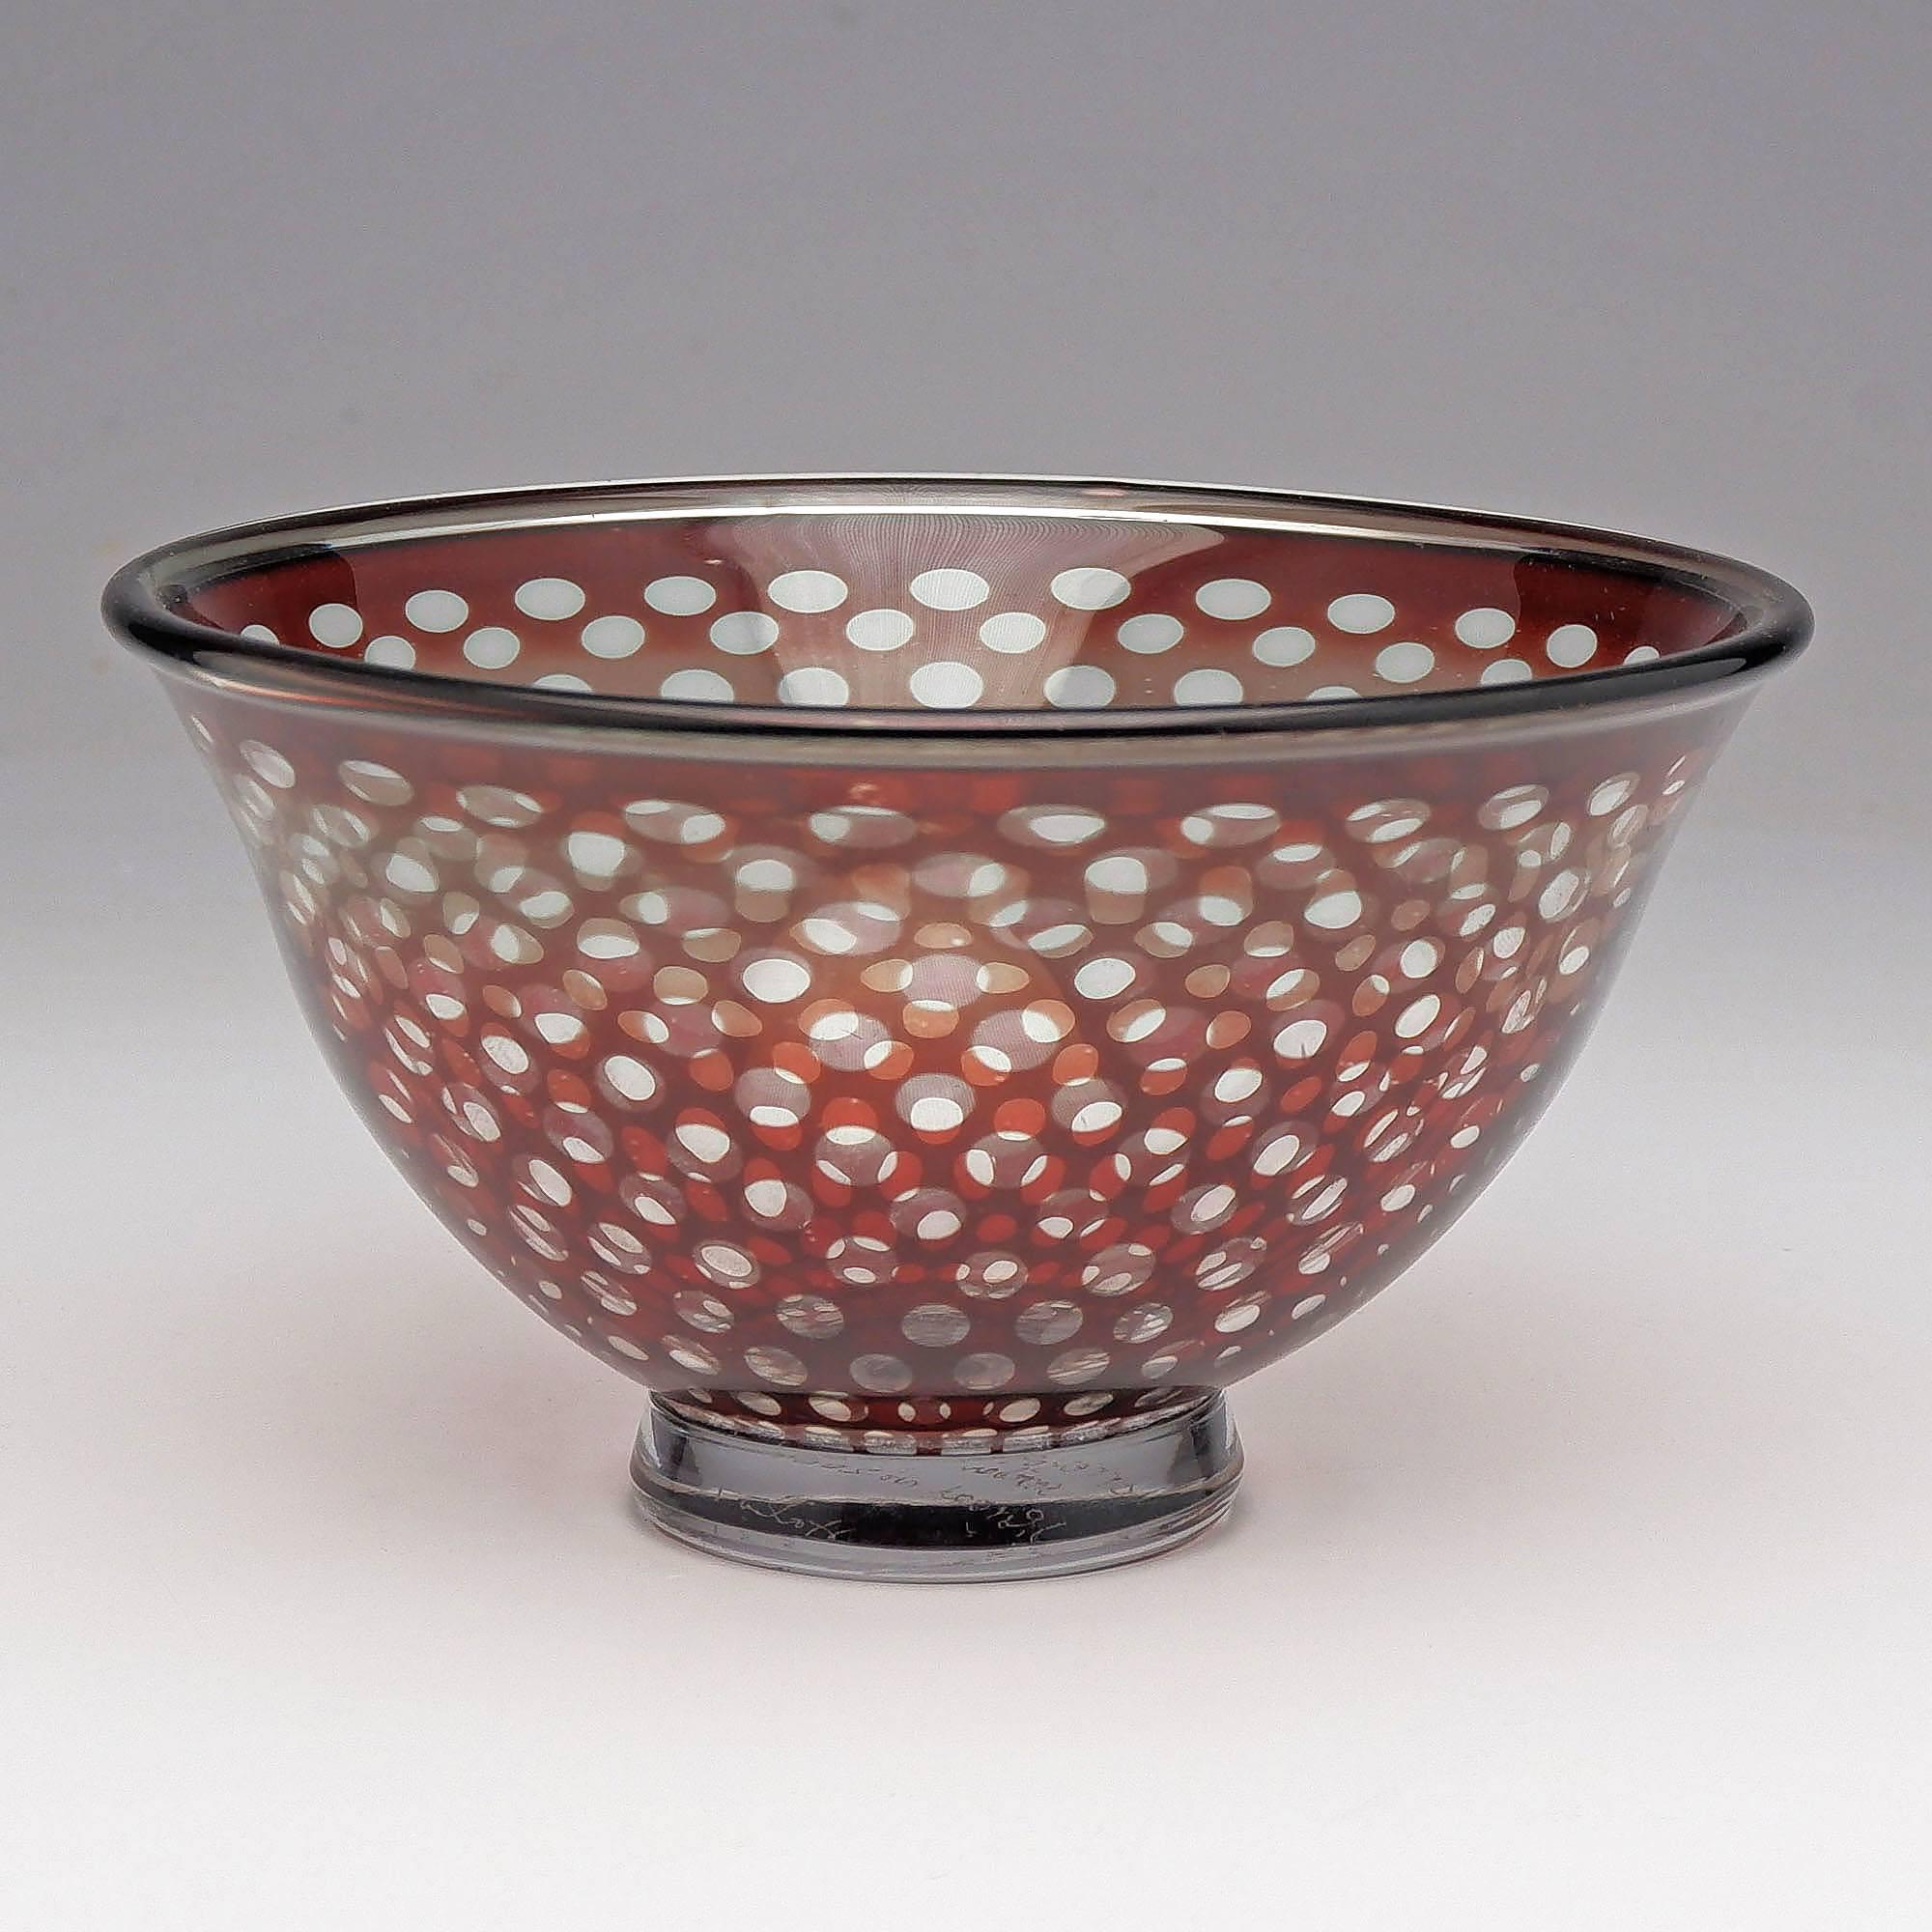 'Orrefors Graal Bowl Designed by Edward Hald'